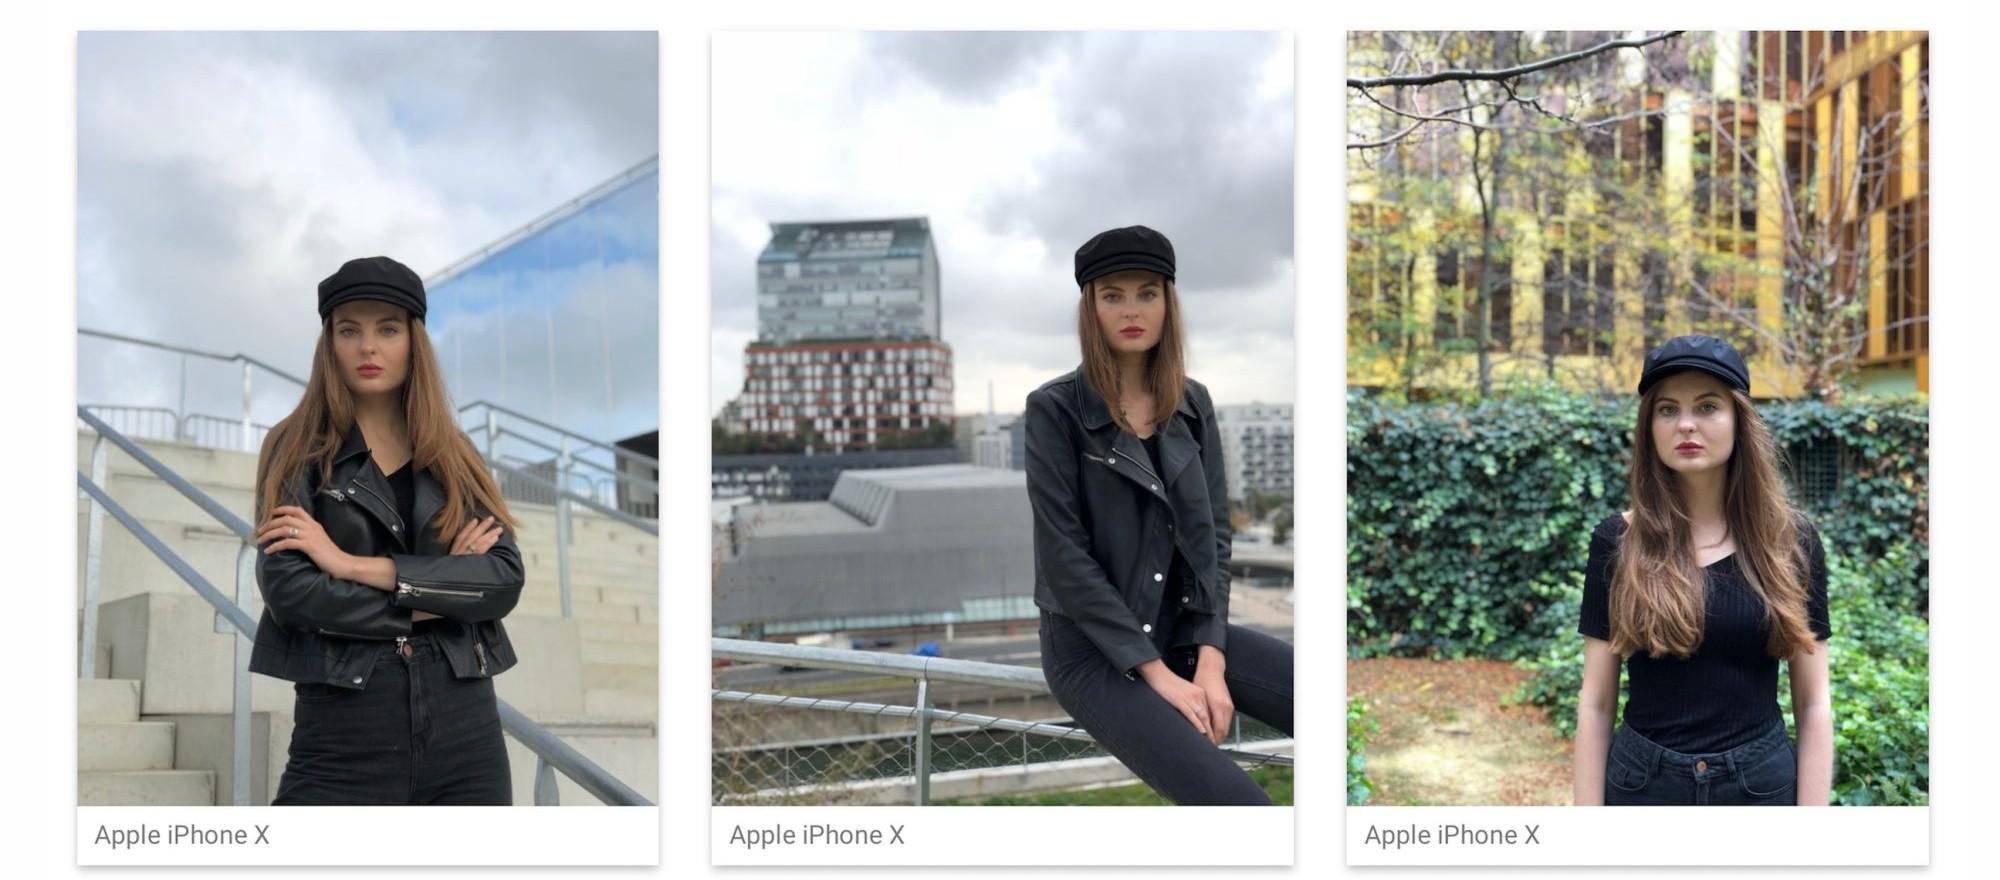 fotografias muestra del iPhone X